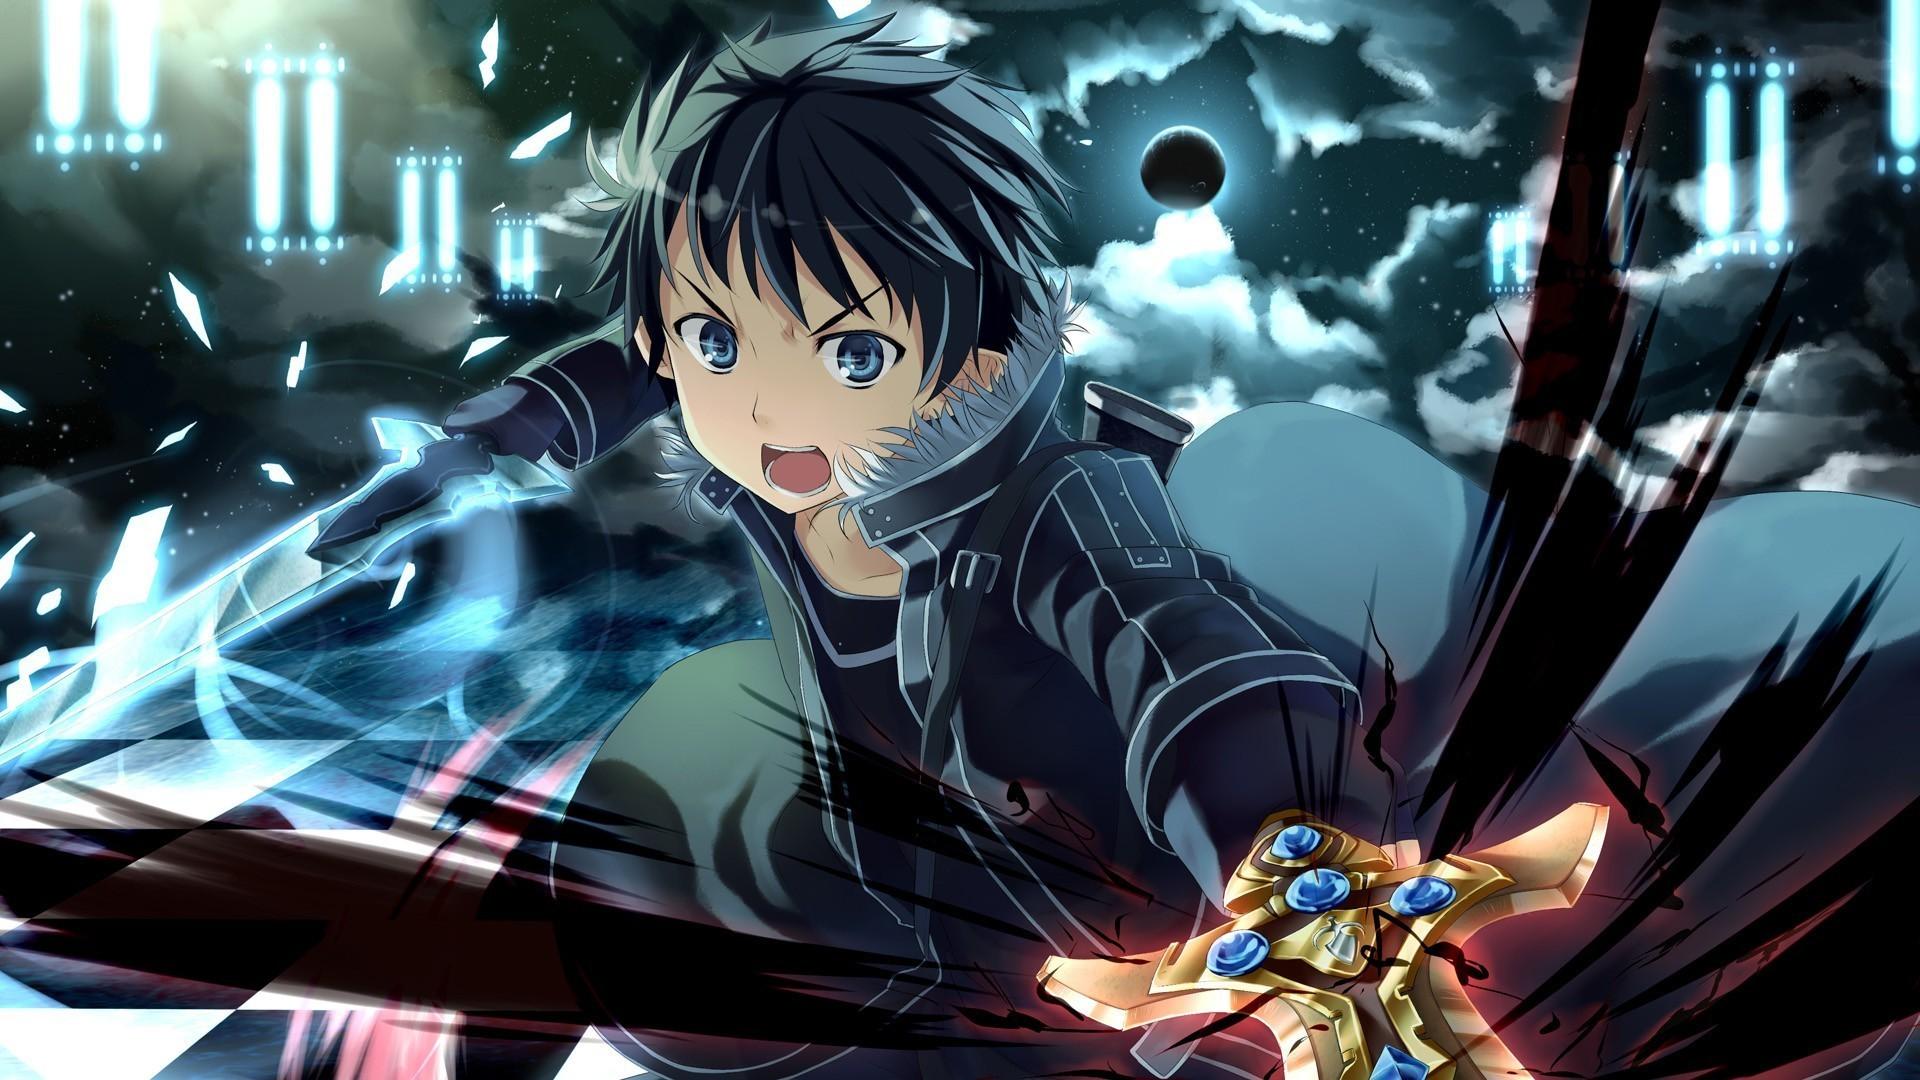 21 Eugeo (Sword Art Online) HD Wallpapers   Backgrounds .